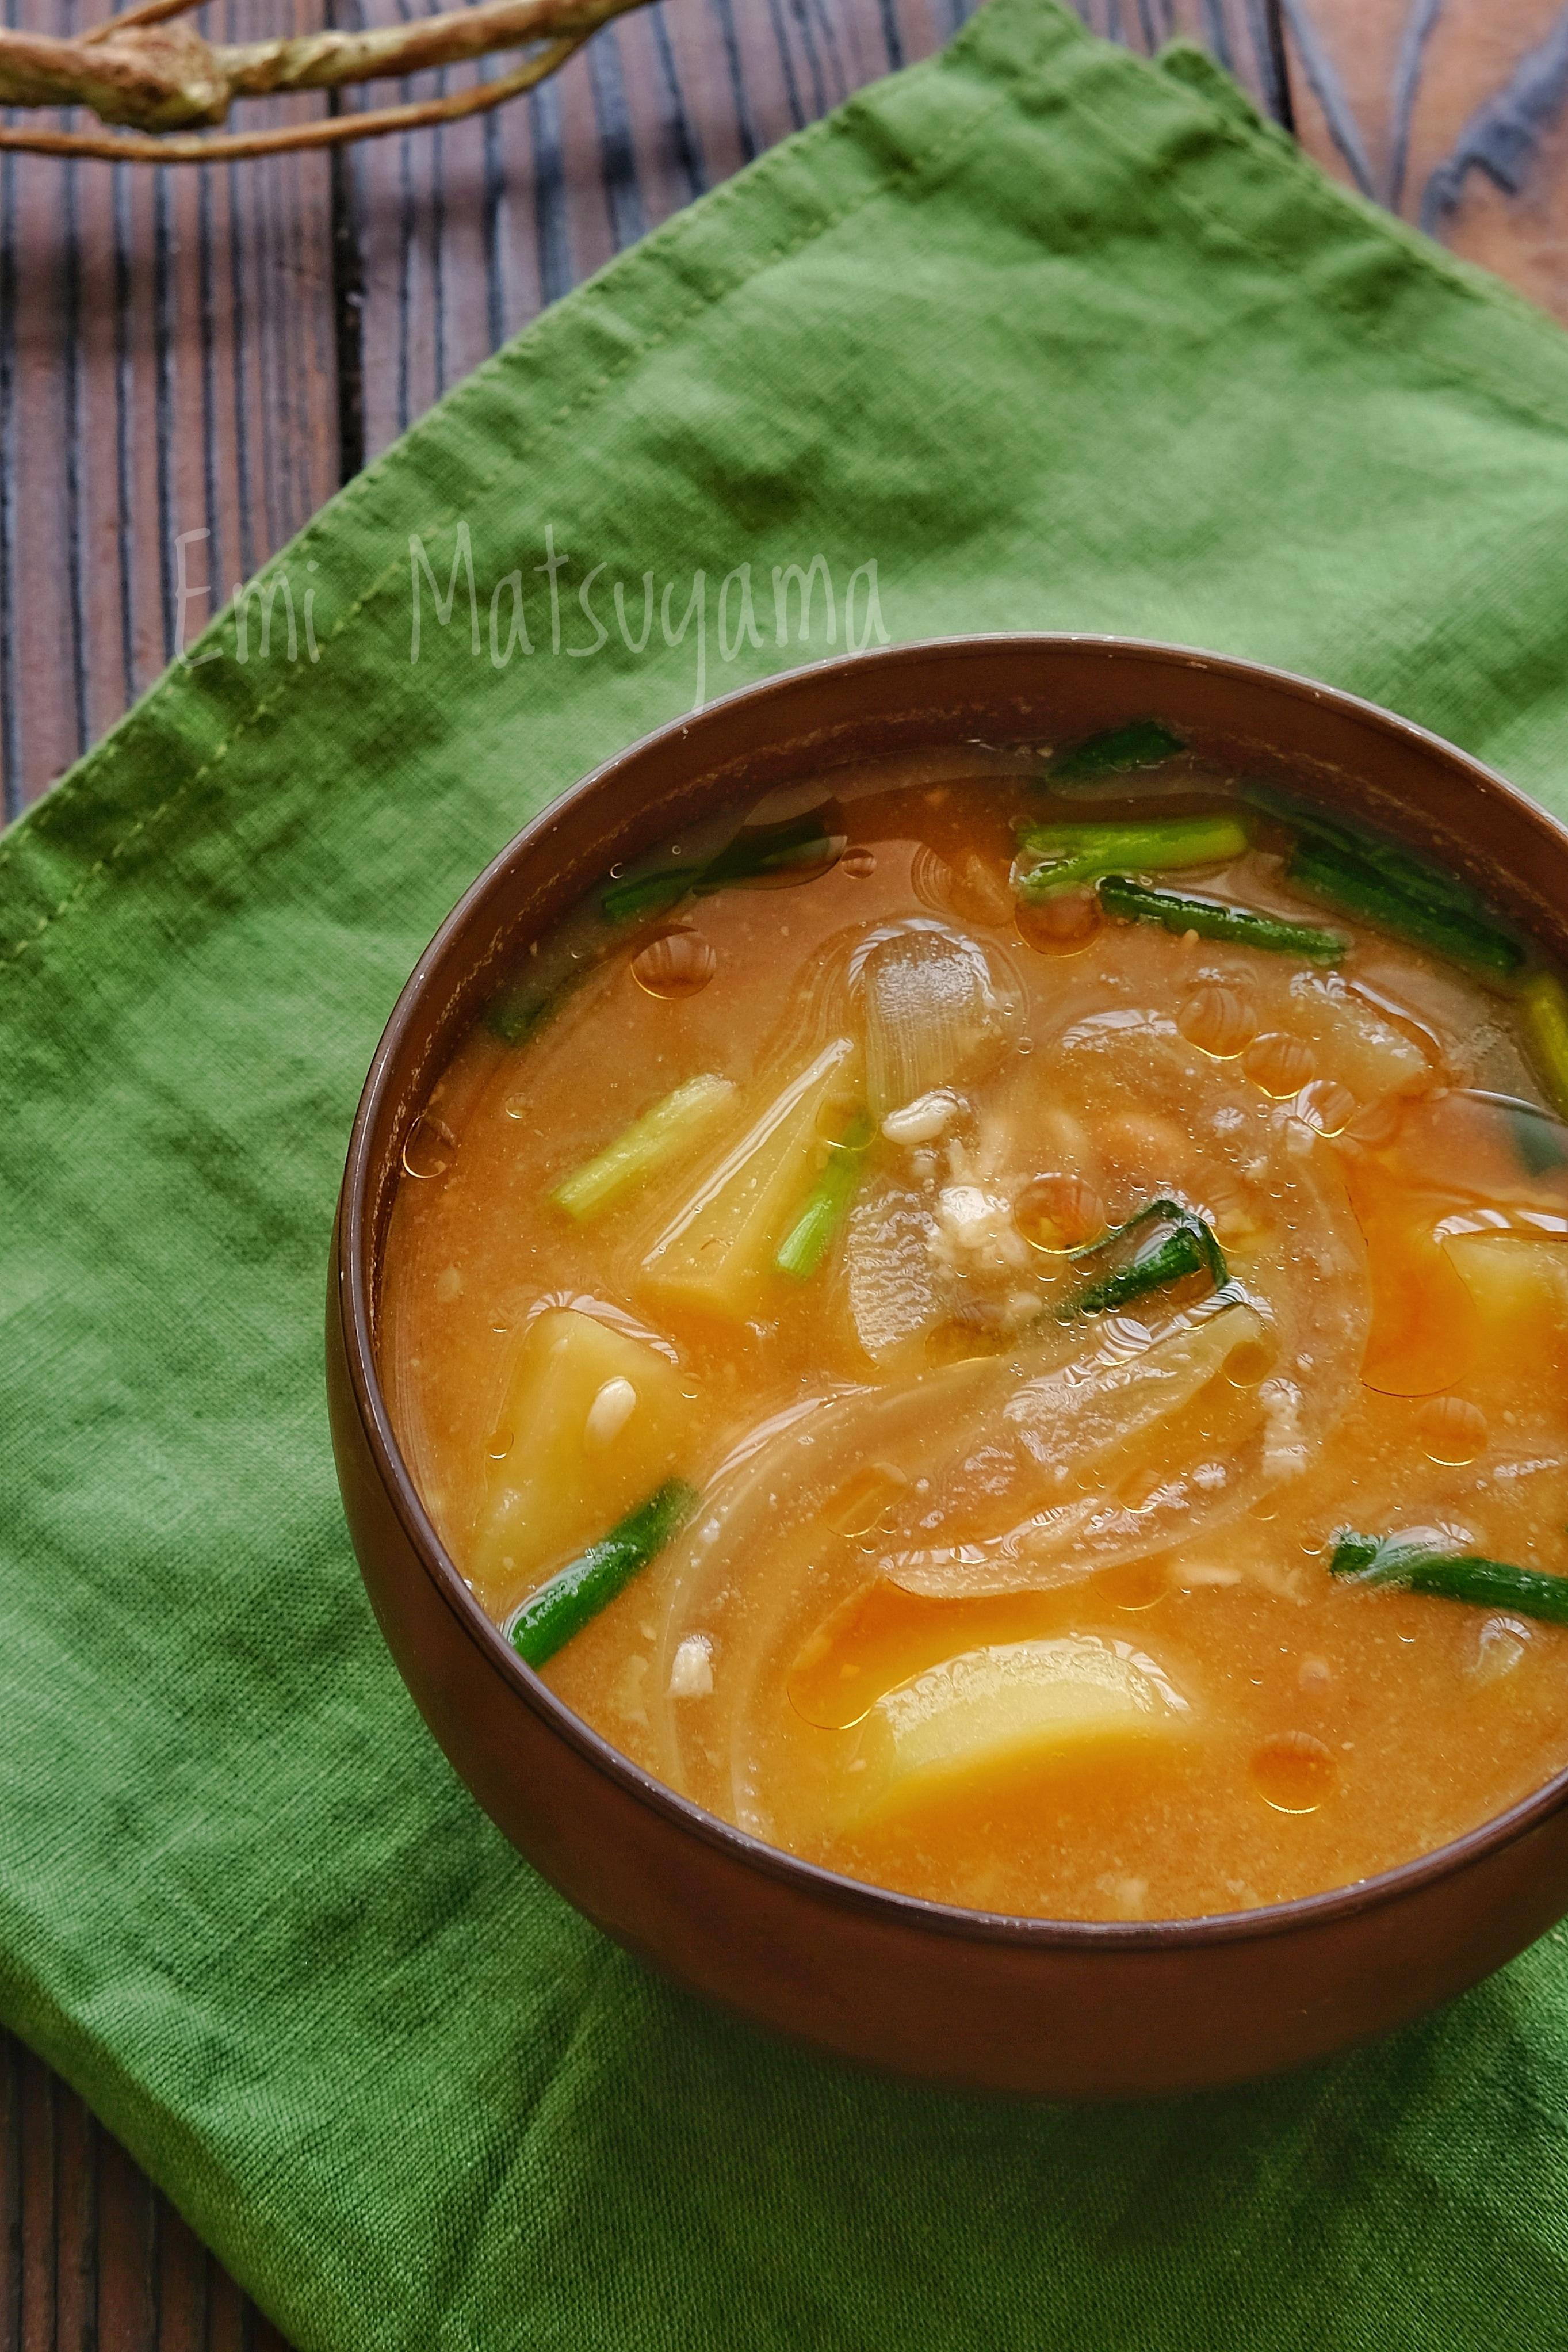 納豆味噌汁の基本レシピ&人気アレンジ7選。驚くほどにクセがない!の画像